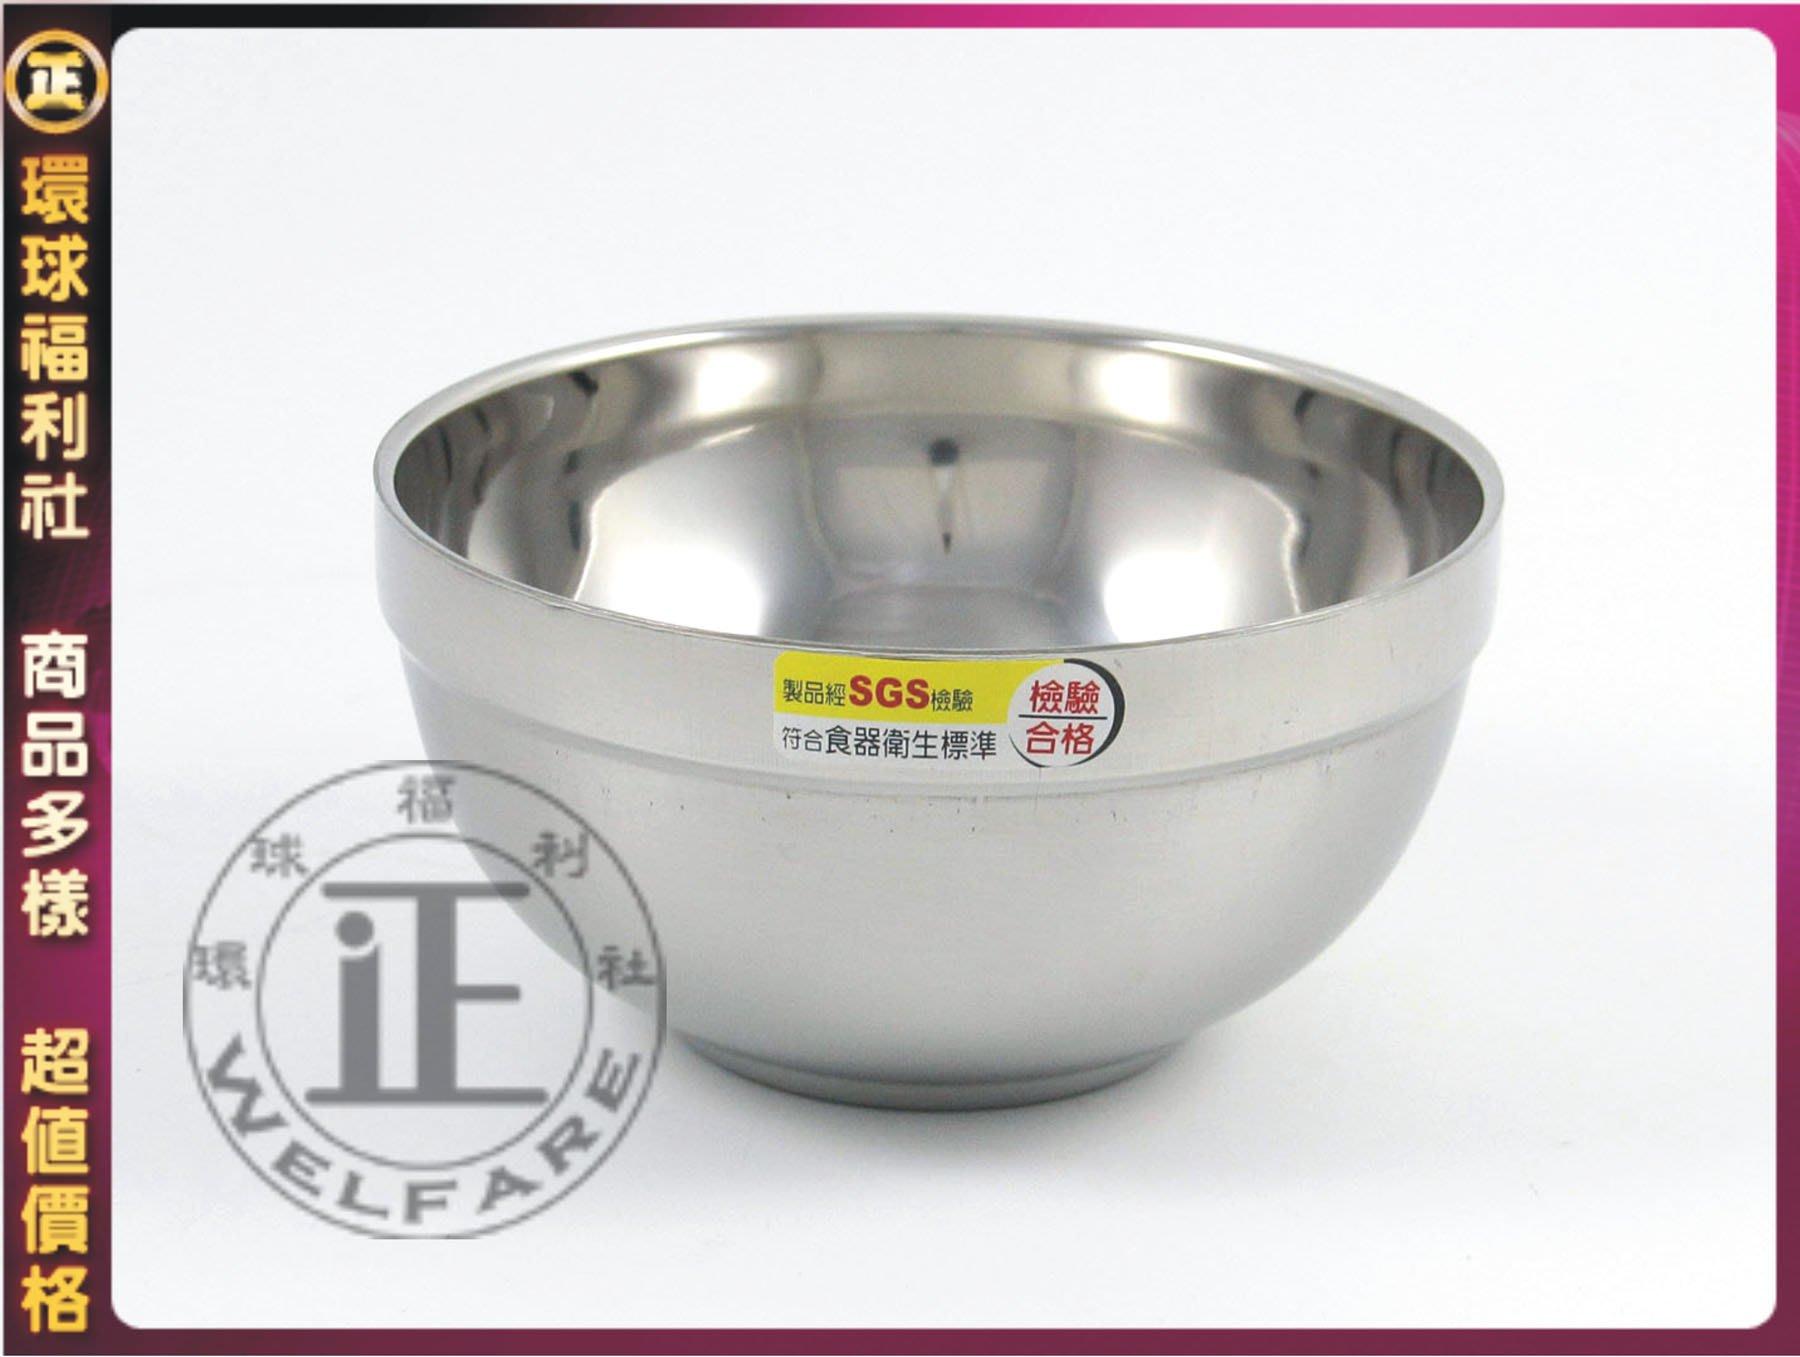 環球ⓐ廚房鍋具☞優雅磨砂碗(13CM)磨砂碗 不鏽鋼碗 調理碗 湯碗 飯碗 兒童碗 隔熱碗 料理碗 台式麵碗